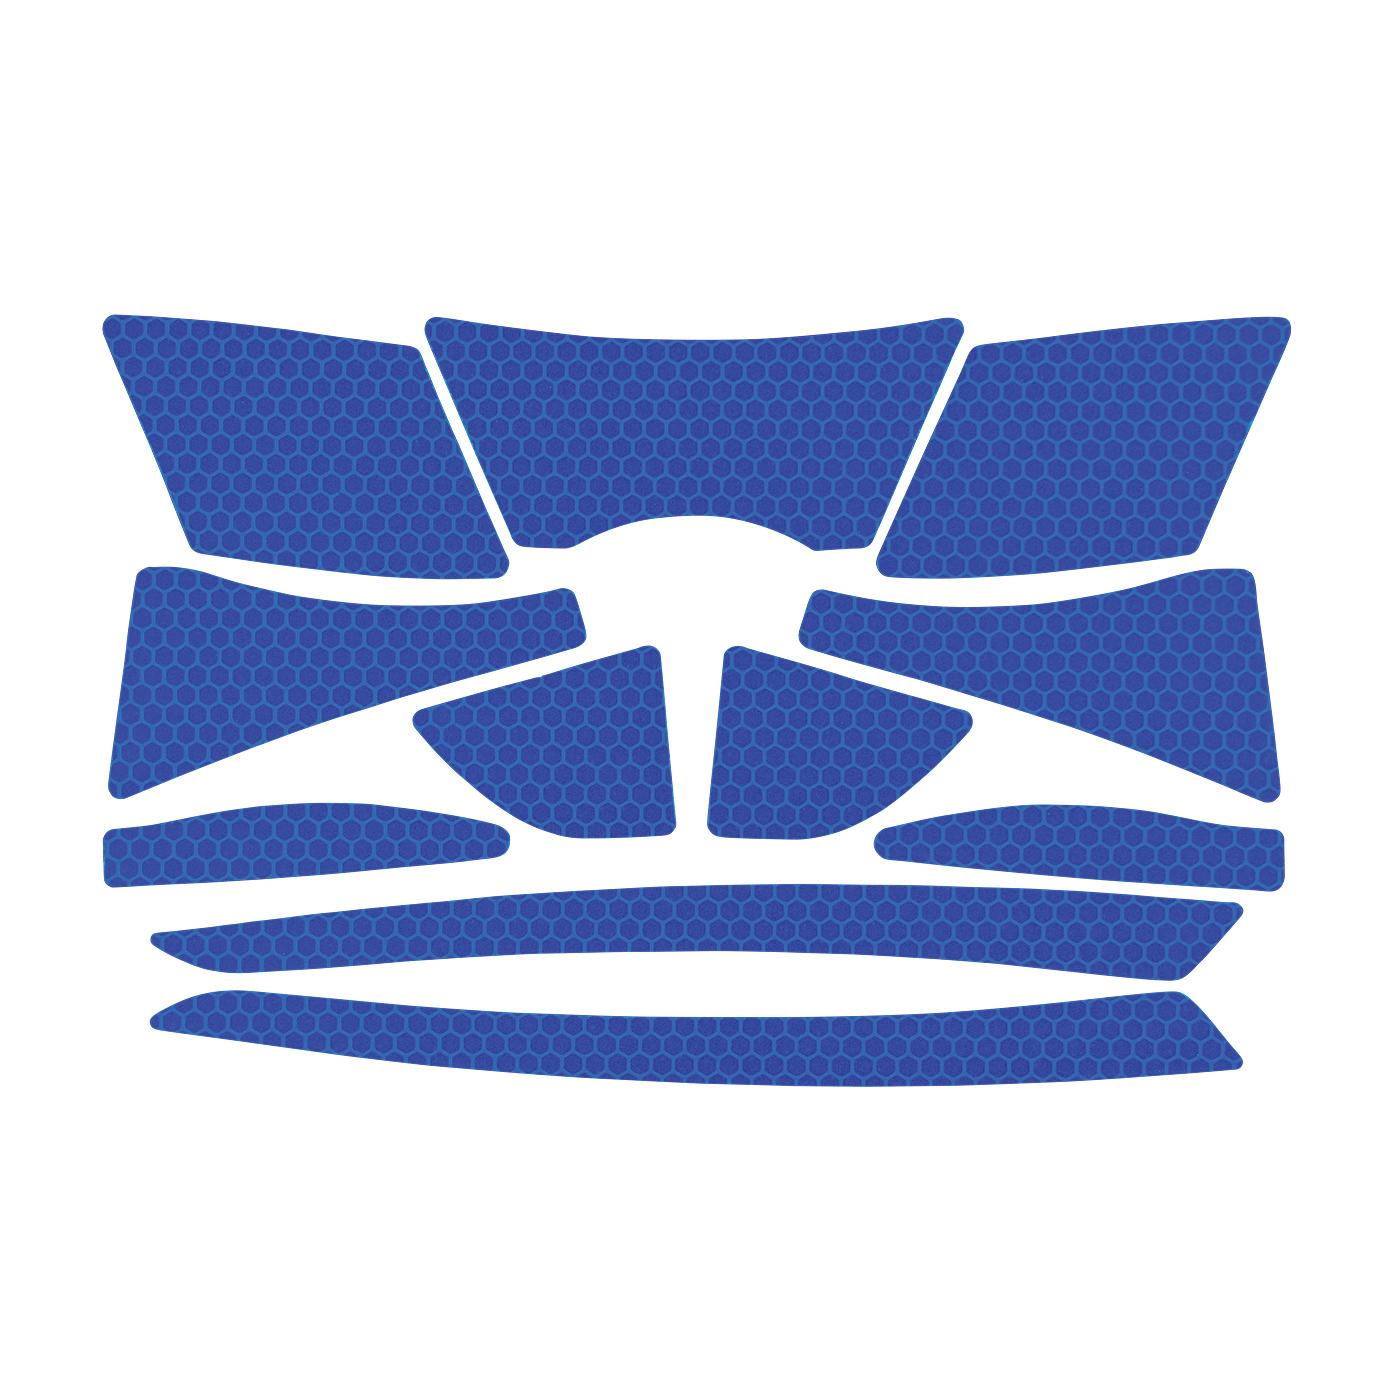 JSP® 281-CR2-10-BL Reflective Kit, Blue